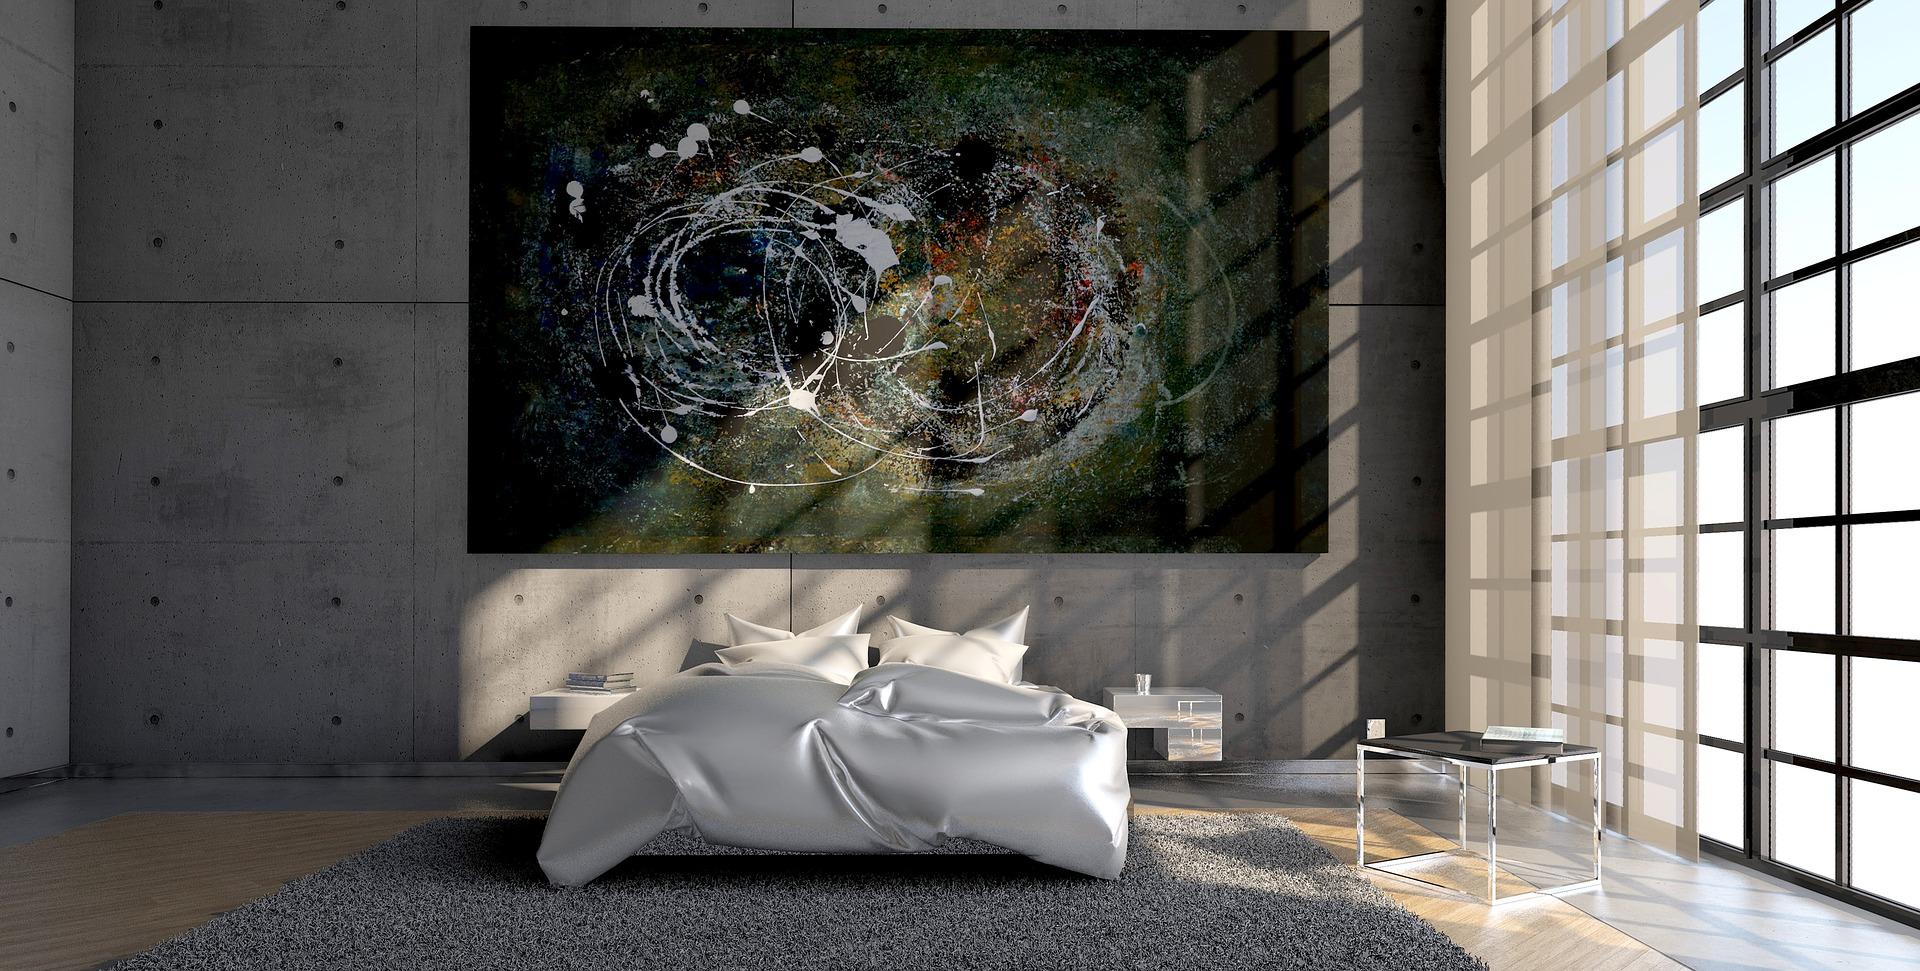 Dormitor cu stil